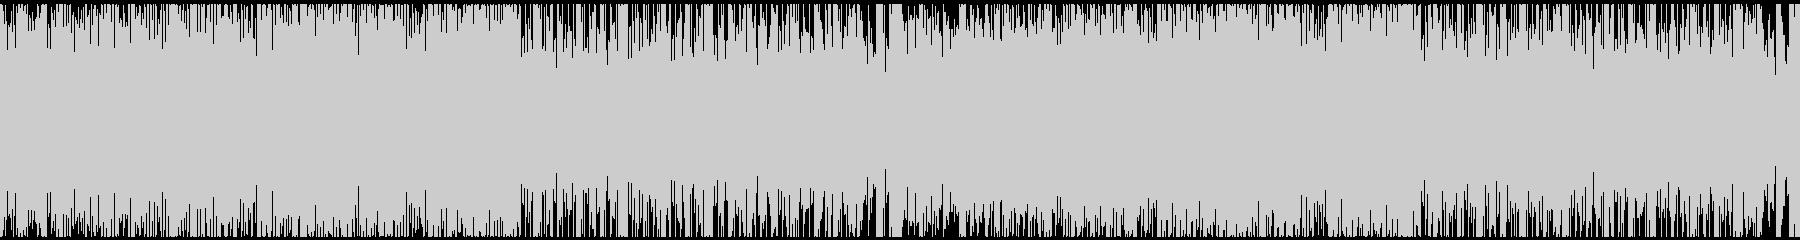 煌びやかで明るいオーケストラ/ループ可の未再生の波形